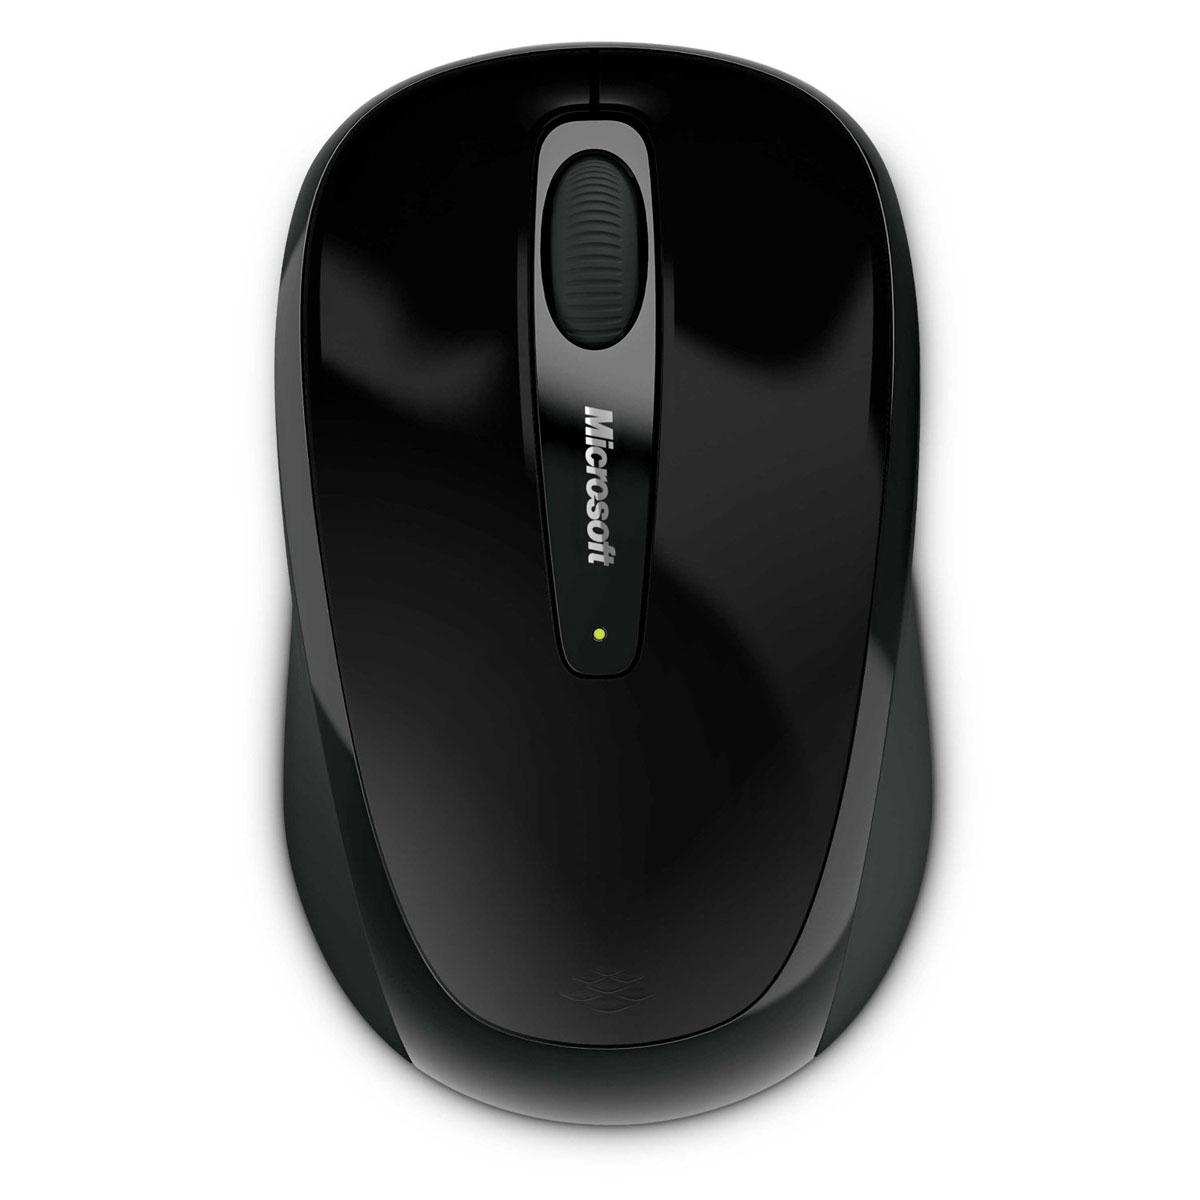 Souris PC Microsoft Wireless Mobile Mouse 3500 Noire Souris sans fil - ambidextre - capteur optique 1000 dpi - 3 boutons